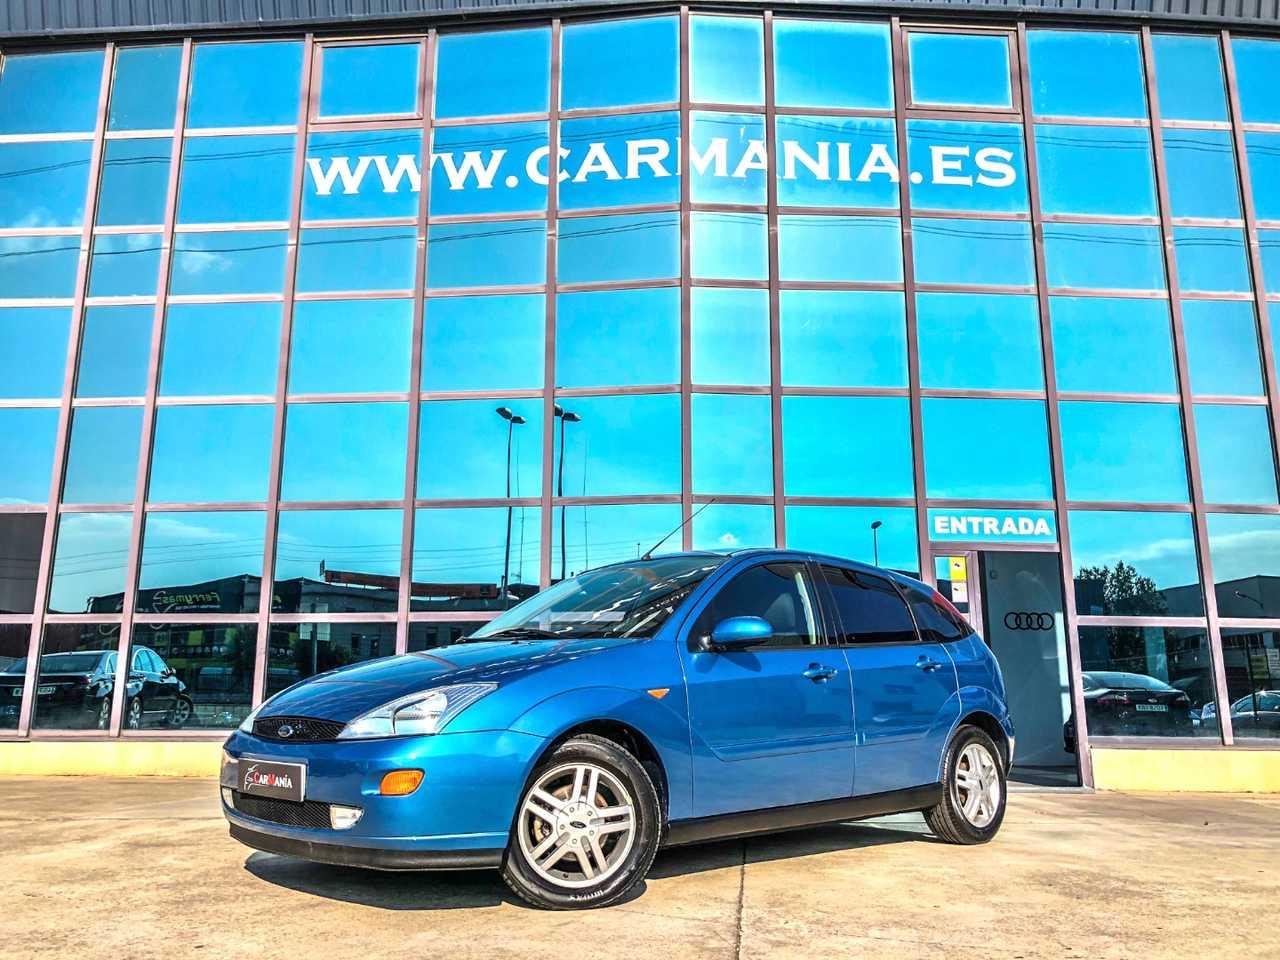 Ford Focus Diésel en Cabanillas del Campo